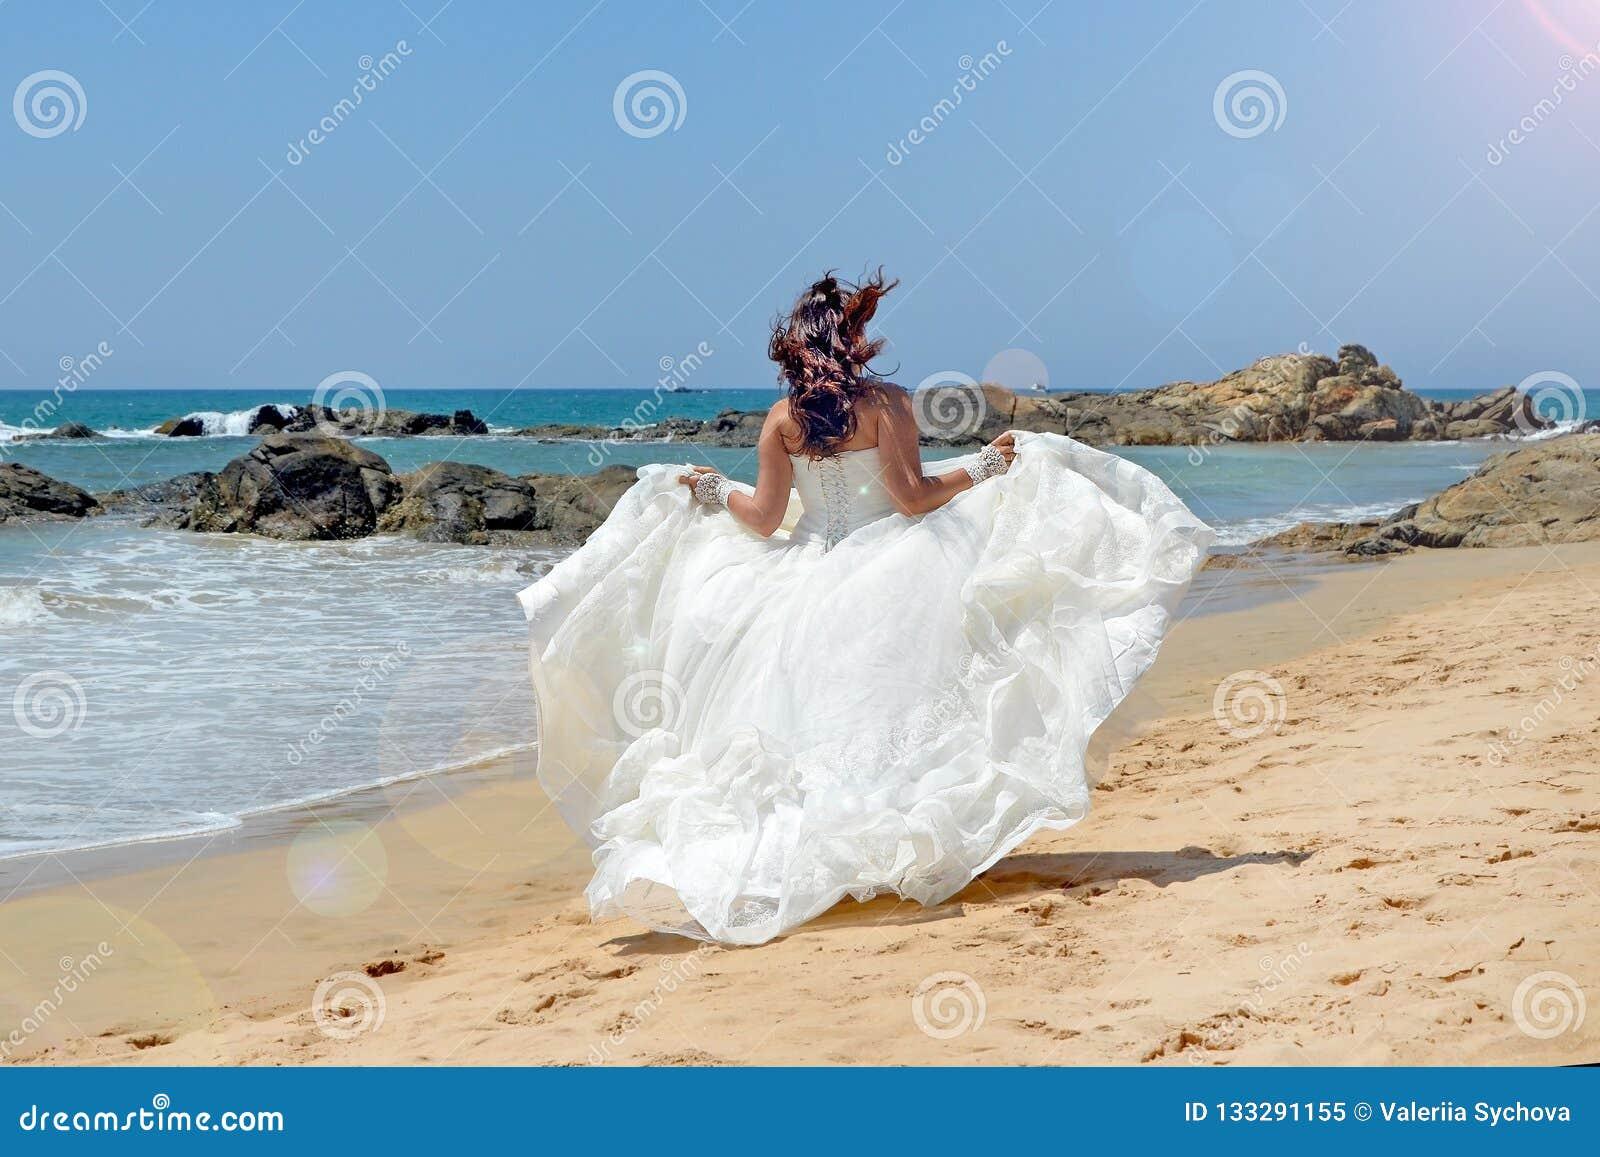 Corridas morenos de cabelos compridos da noiva ao longo do litoral arenoso no fundo das pedras no mar, a praia no Oceano Índico